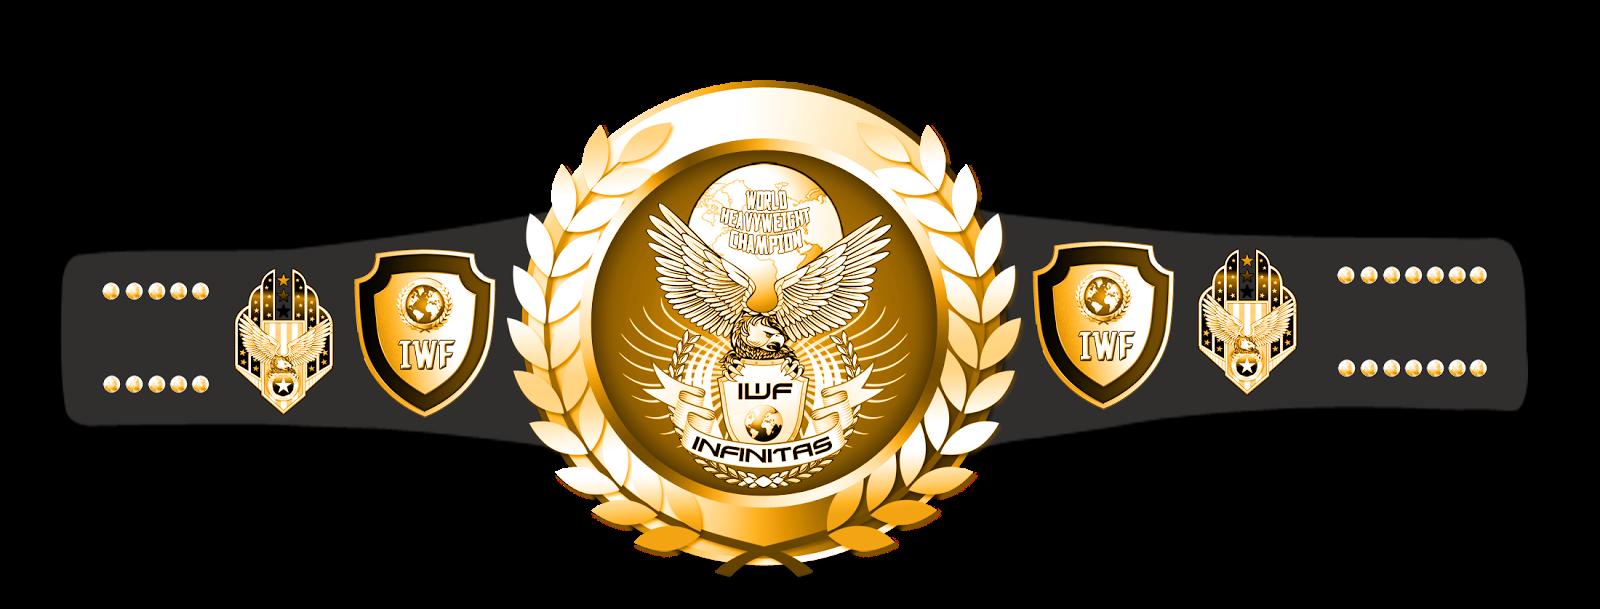 Eagle clipart wrestling. Boxing belt vector illustration